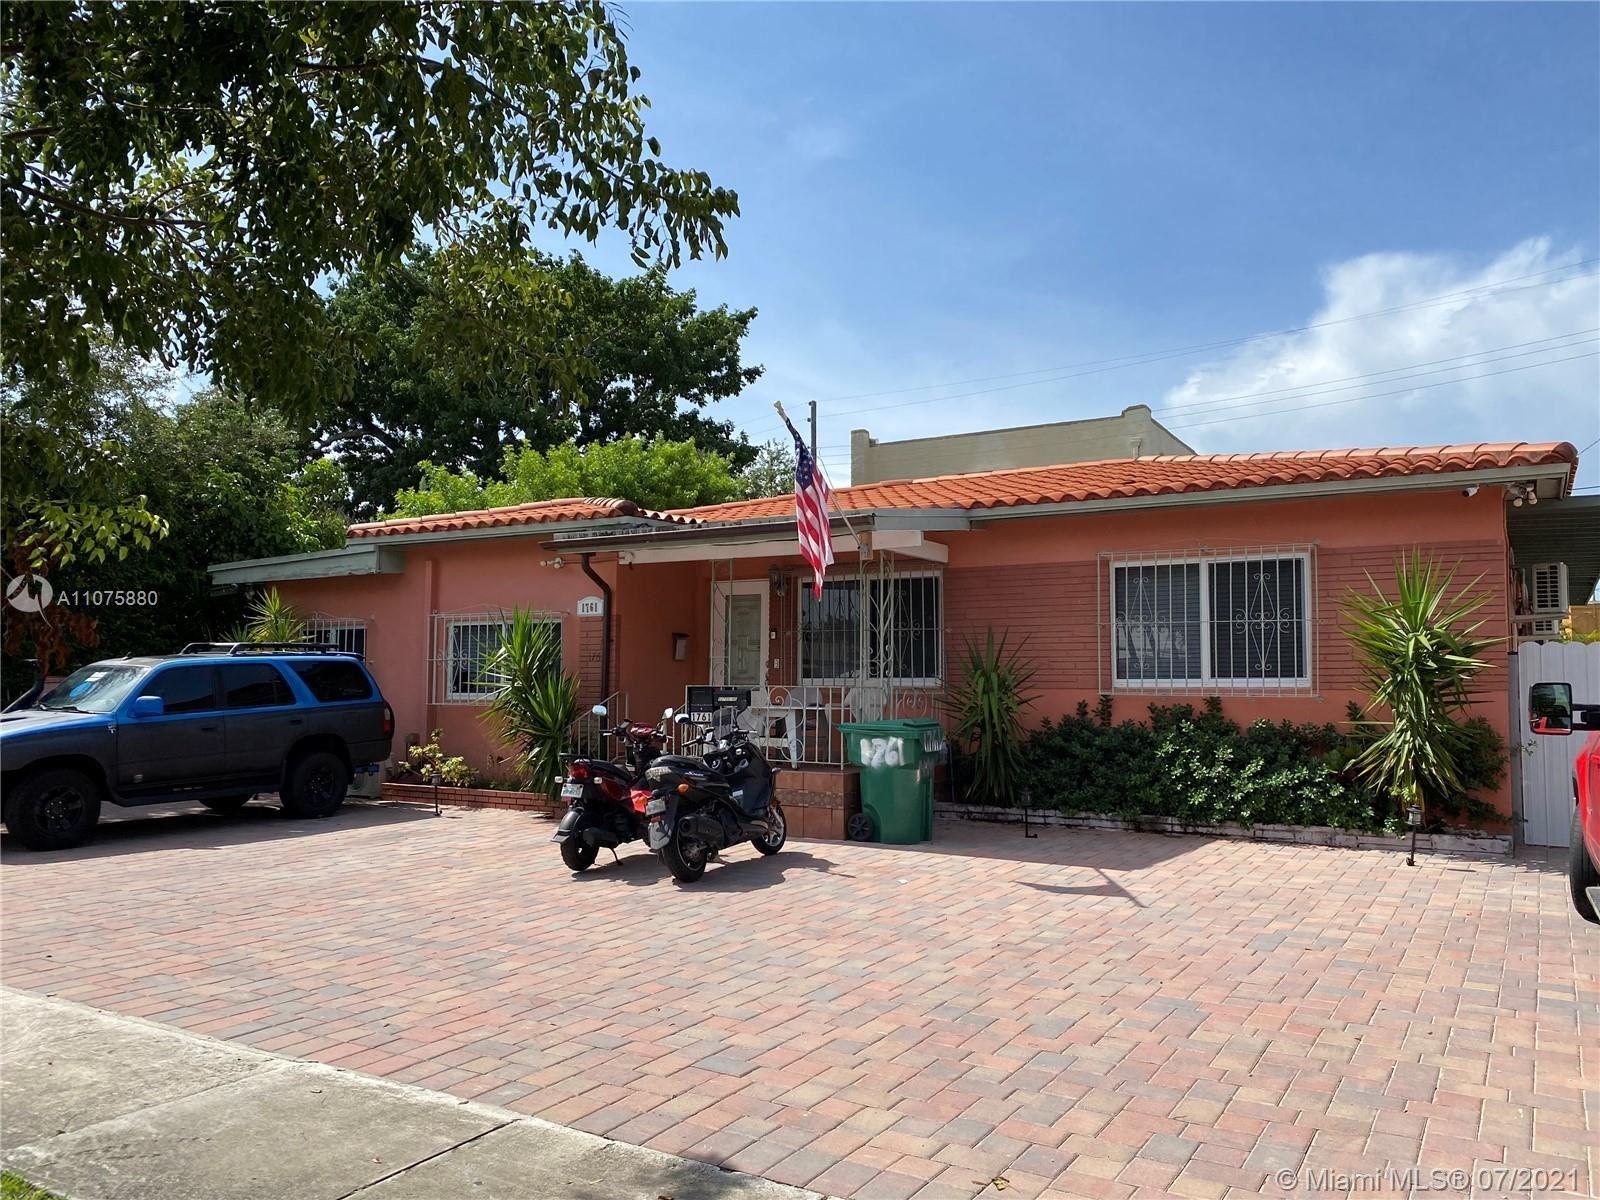 1761 SW 14th St, Miami, FL 33145 - #: A11075880